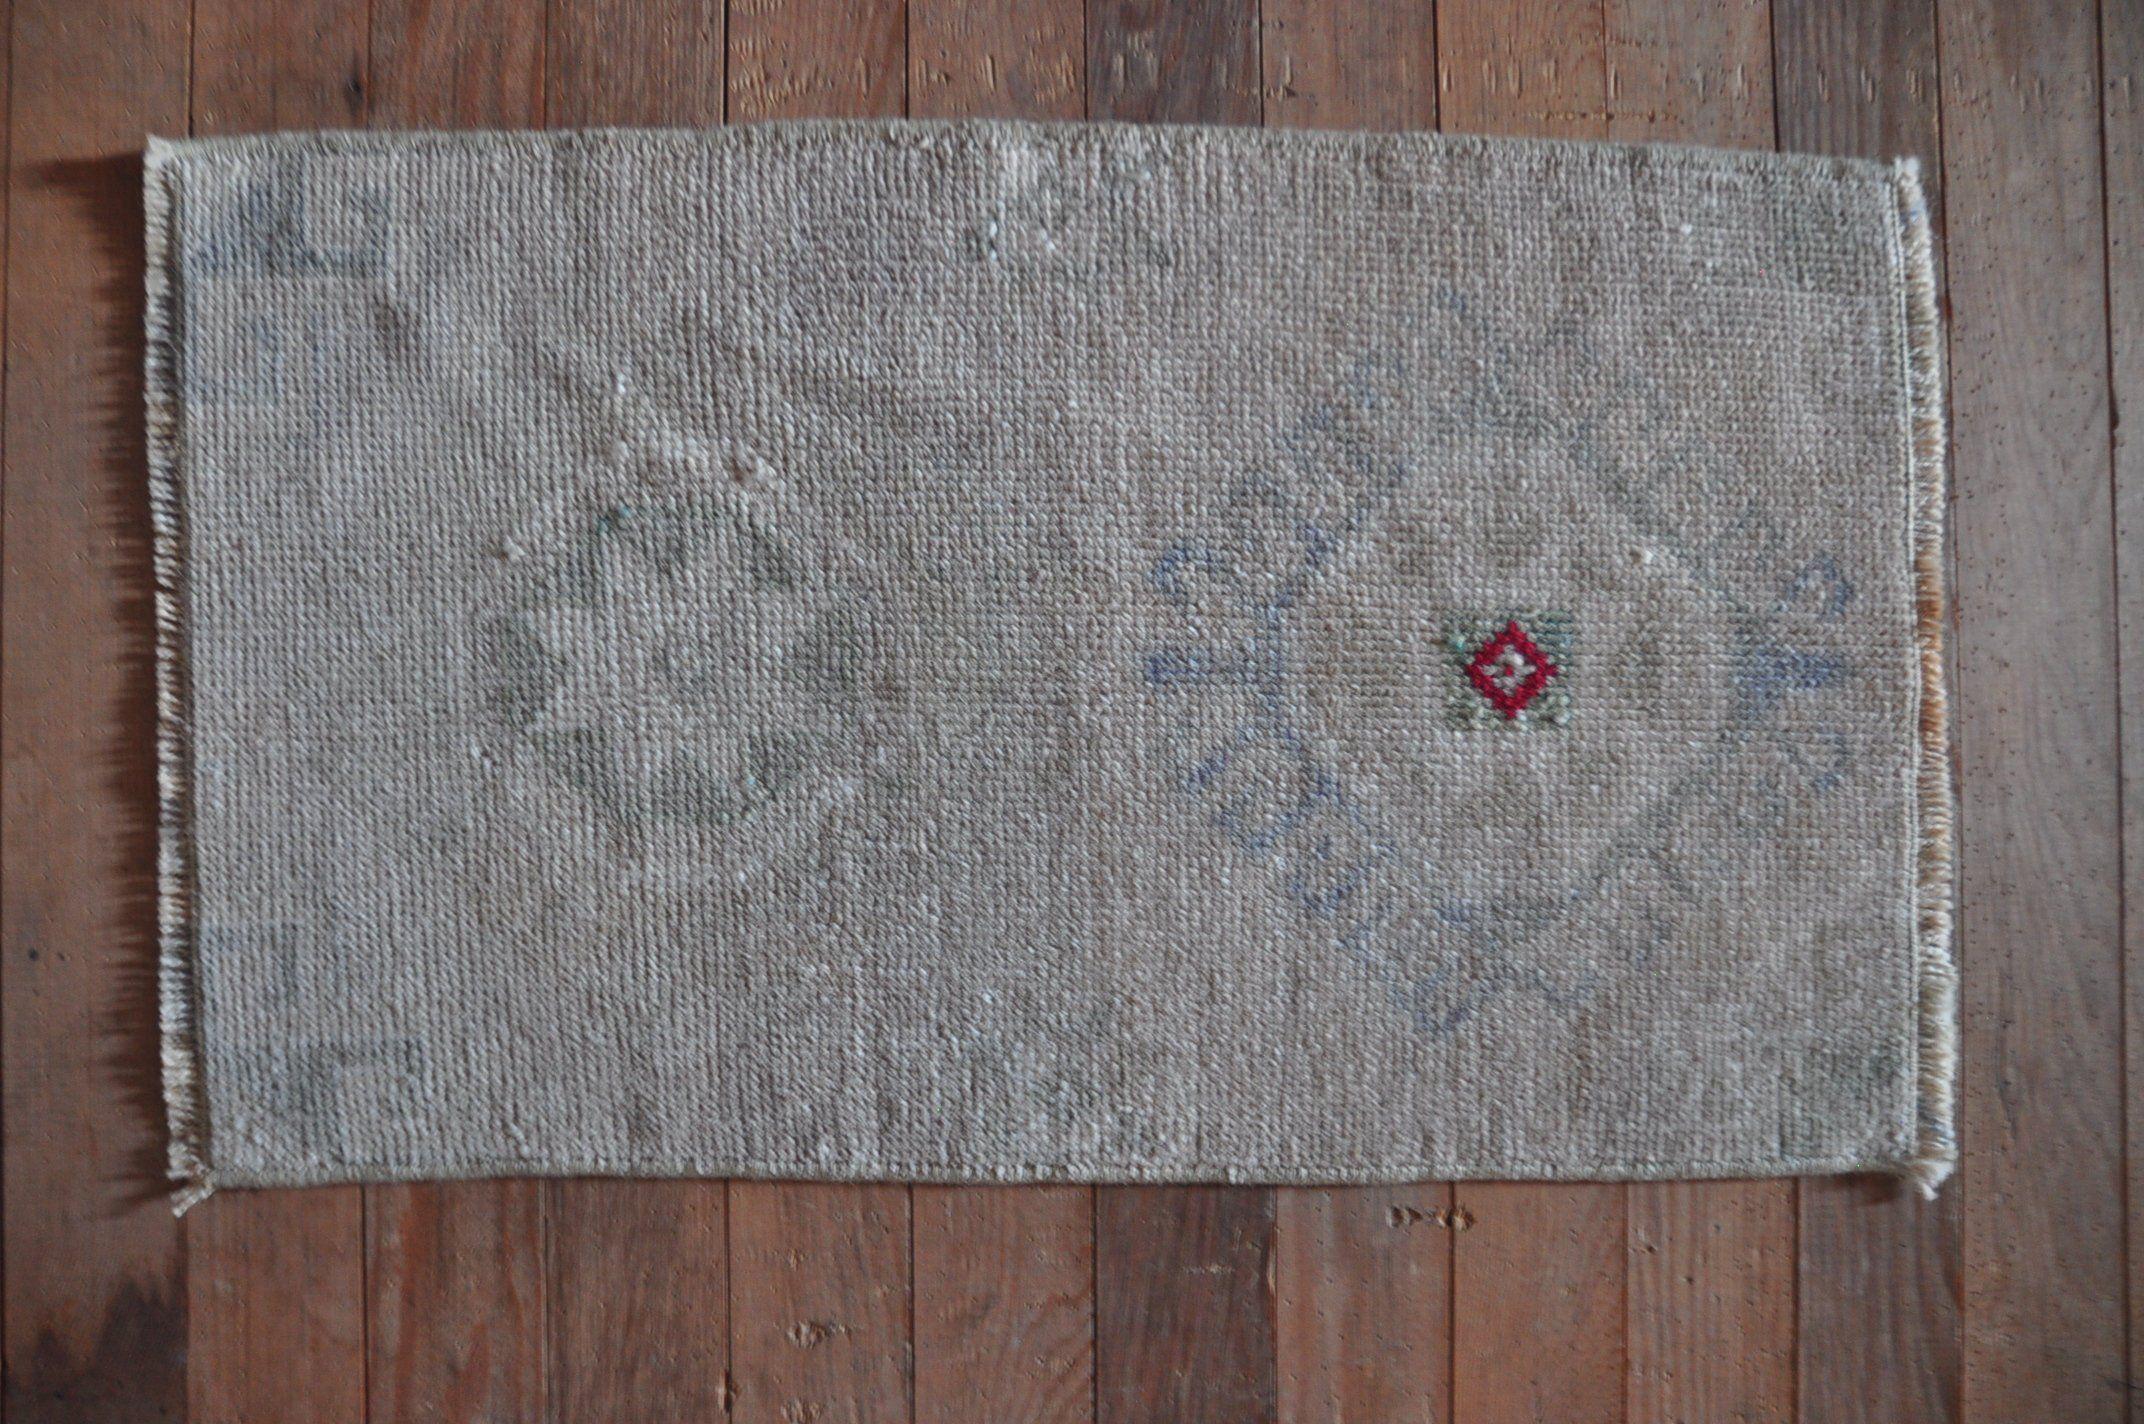 Door Mat Rug Vintage Turkish Rug Small Turkish Rug Bed Side Small Rug Turkish Yastik Throw Rug Turkish Small Area Rug Rugs Vintage Turkish Rugs Small Area Rugs